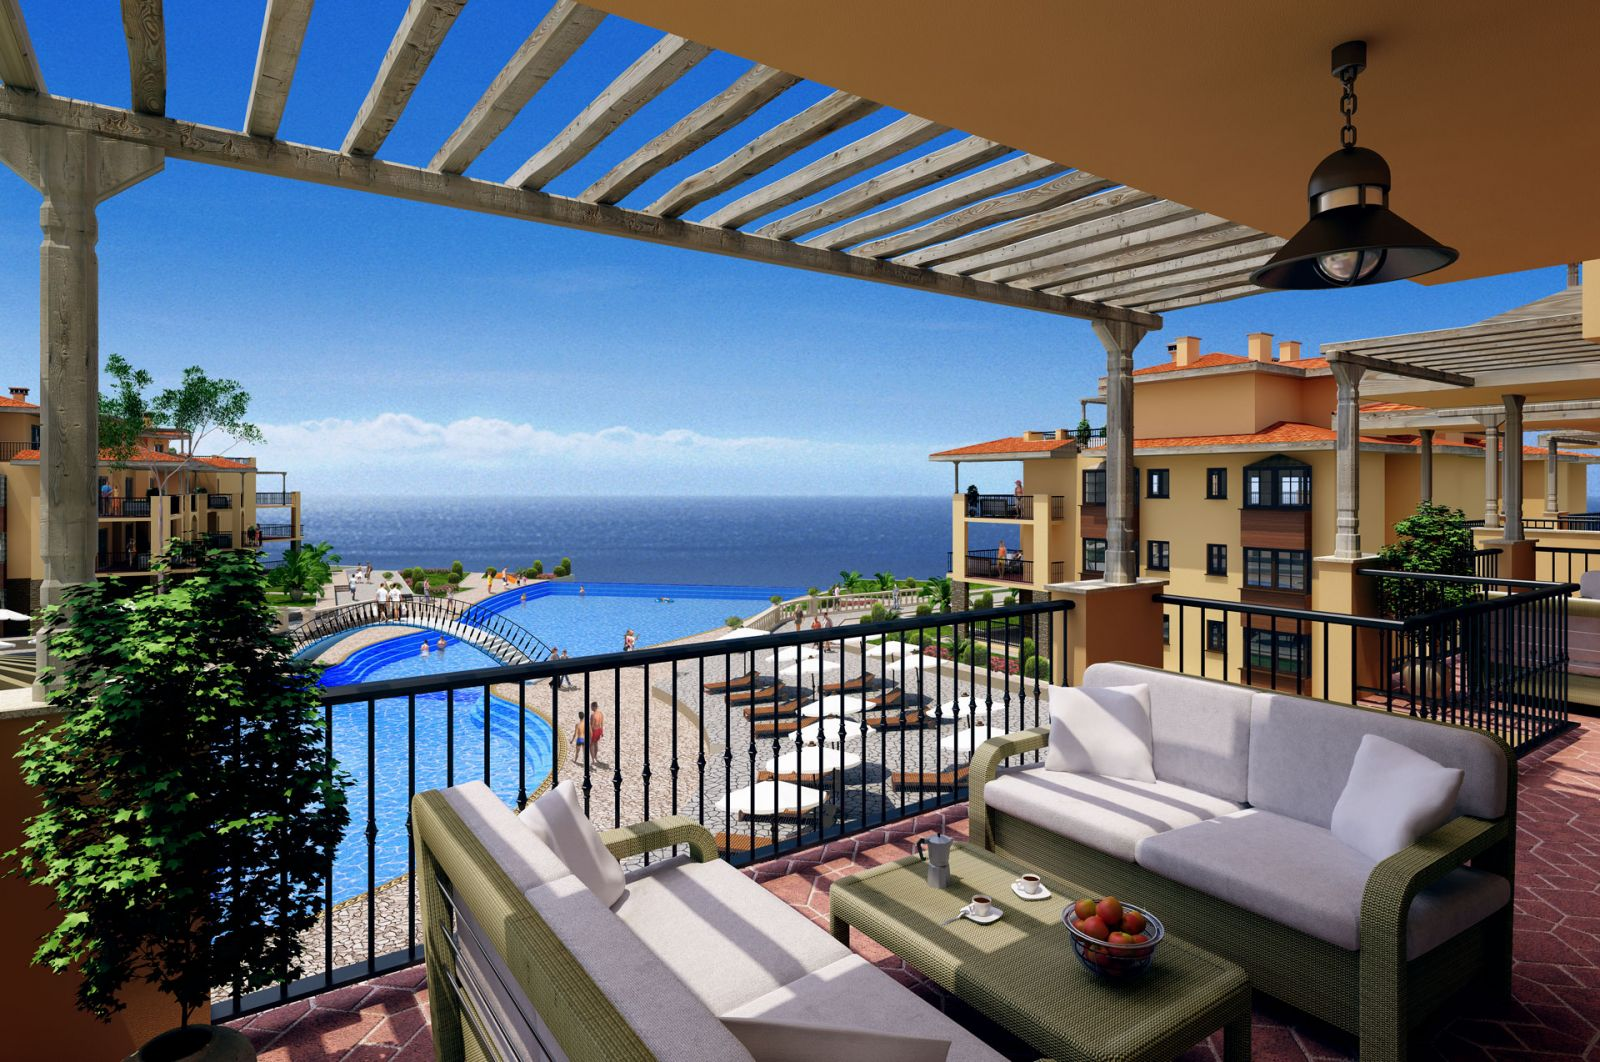 Пензенской купить квартиру в хорватии на берегу моря вернуть